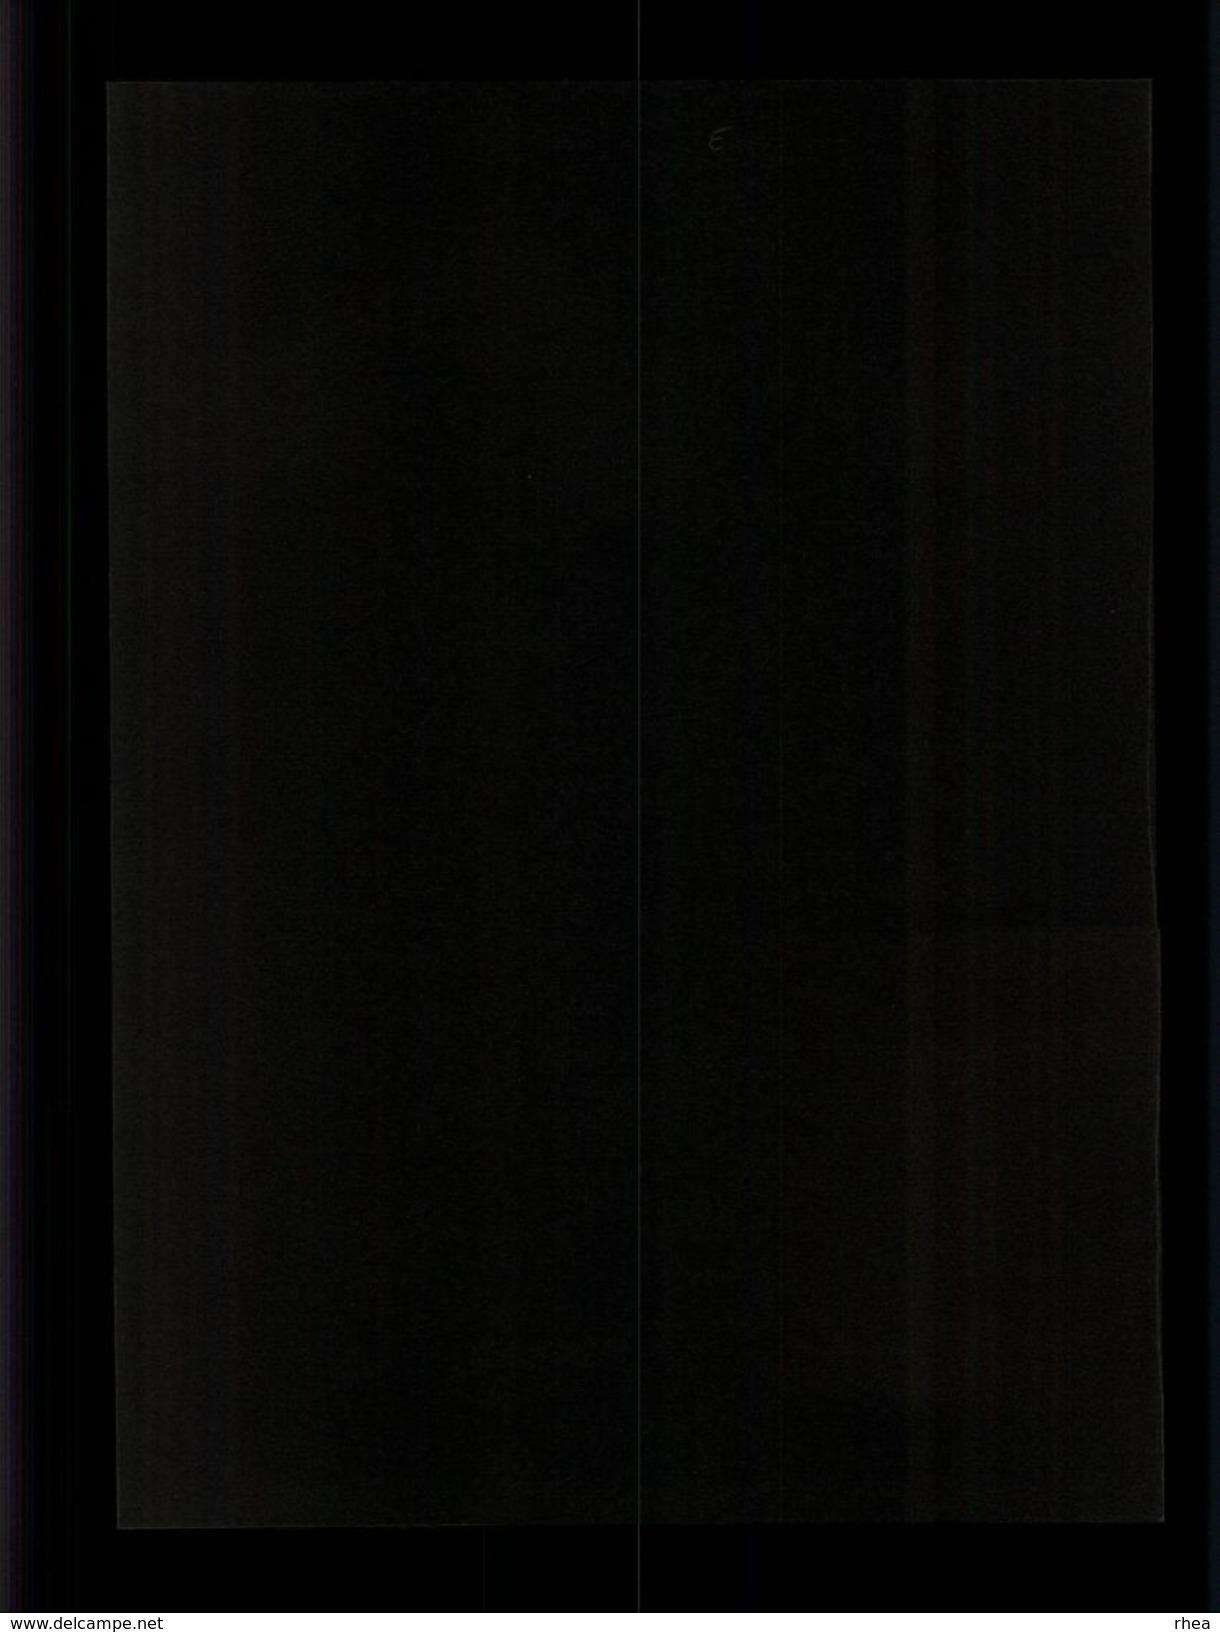 76 - PETIT-QUEVILLY - Publicité Issue D'une Revue De 1936 Et Collée Sur Feuille A4 - Constructions Métalliques - Publicités